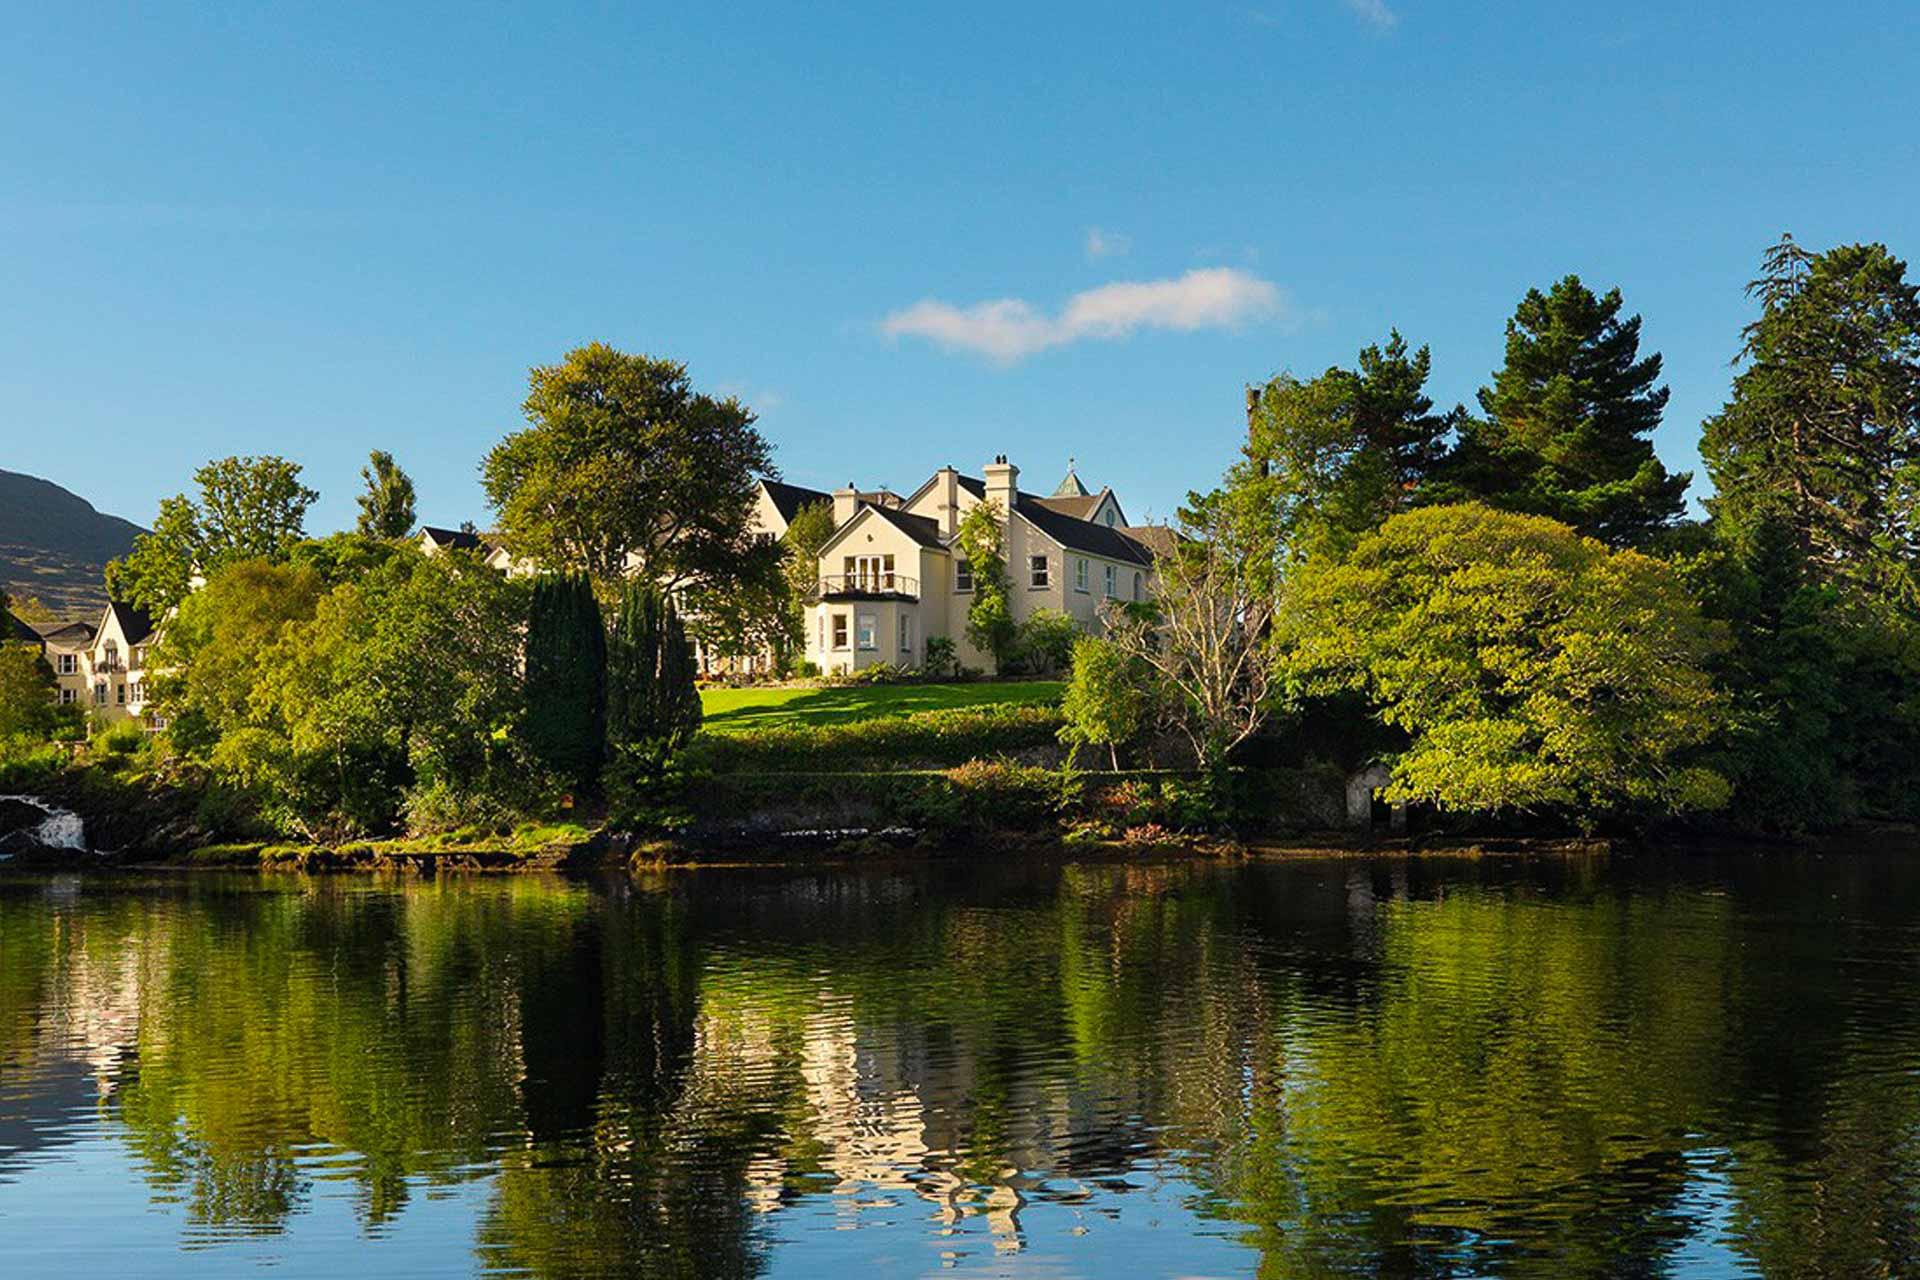 Au Sheen Falls Lodge, dans le comté de Kerry, calme et élégance sont au rendez-vous. L'adresse estampillée Relais & Châteaux offre un cadre exceptionnel dans le sud-ouest sauvage de l'Irlande. Montagnes, lacs, rivières et folklore, laissez-vous glisser dans un univers enchanteur.